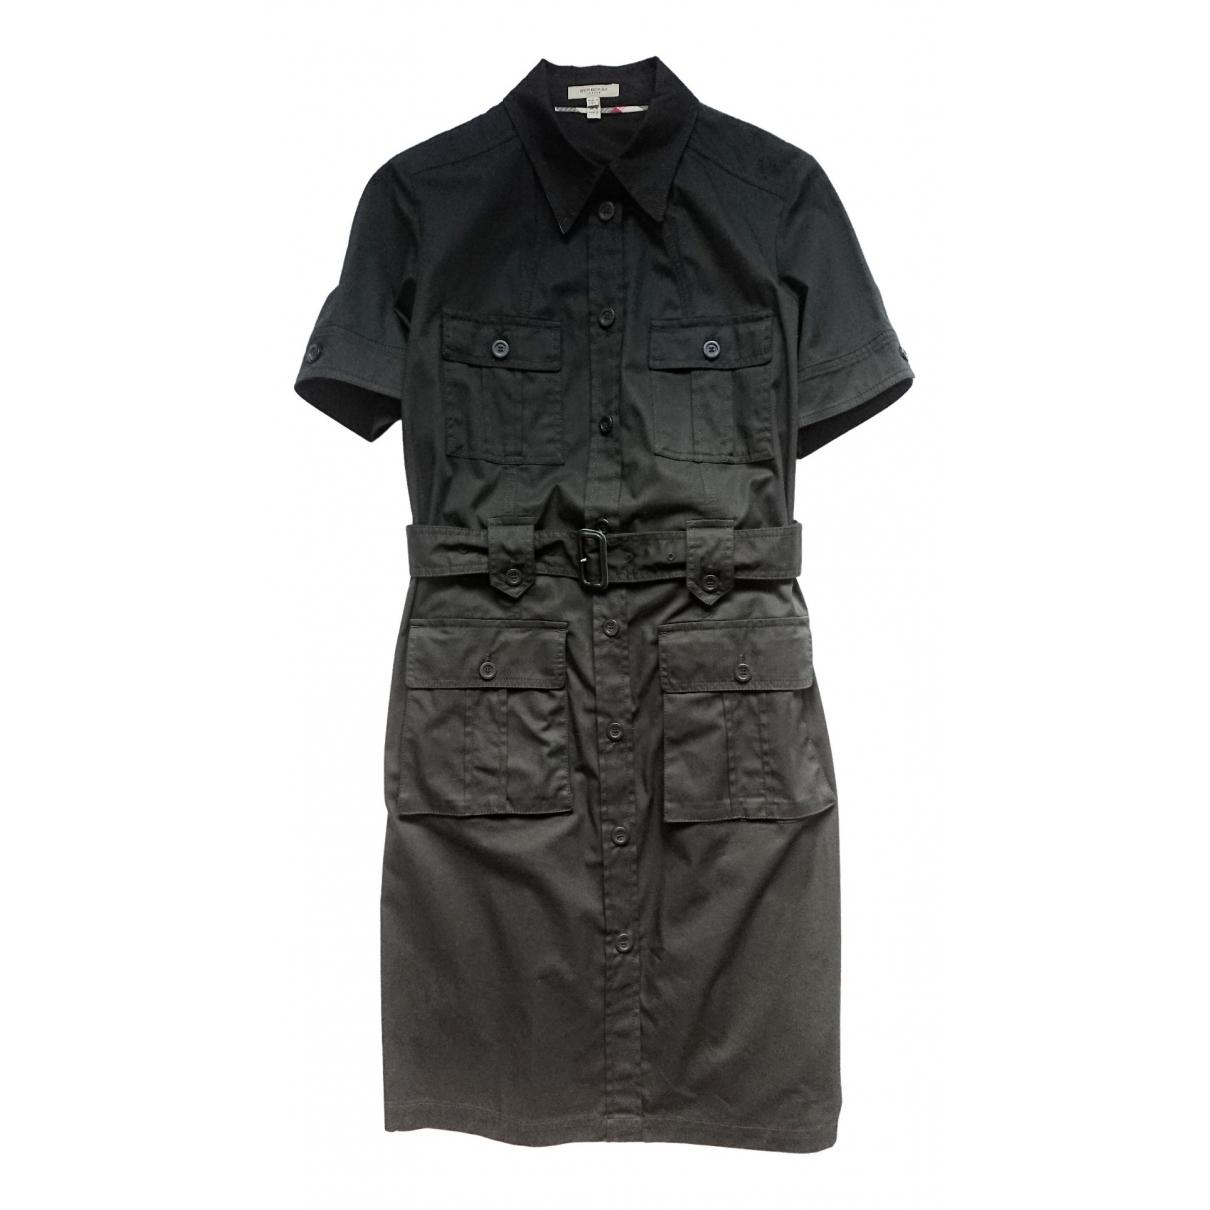 Burberry \N Black Cotton - elasthane dress for Women 16 UK